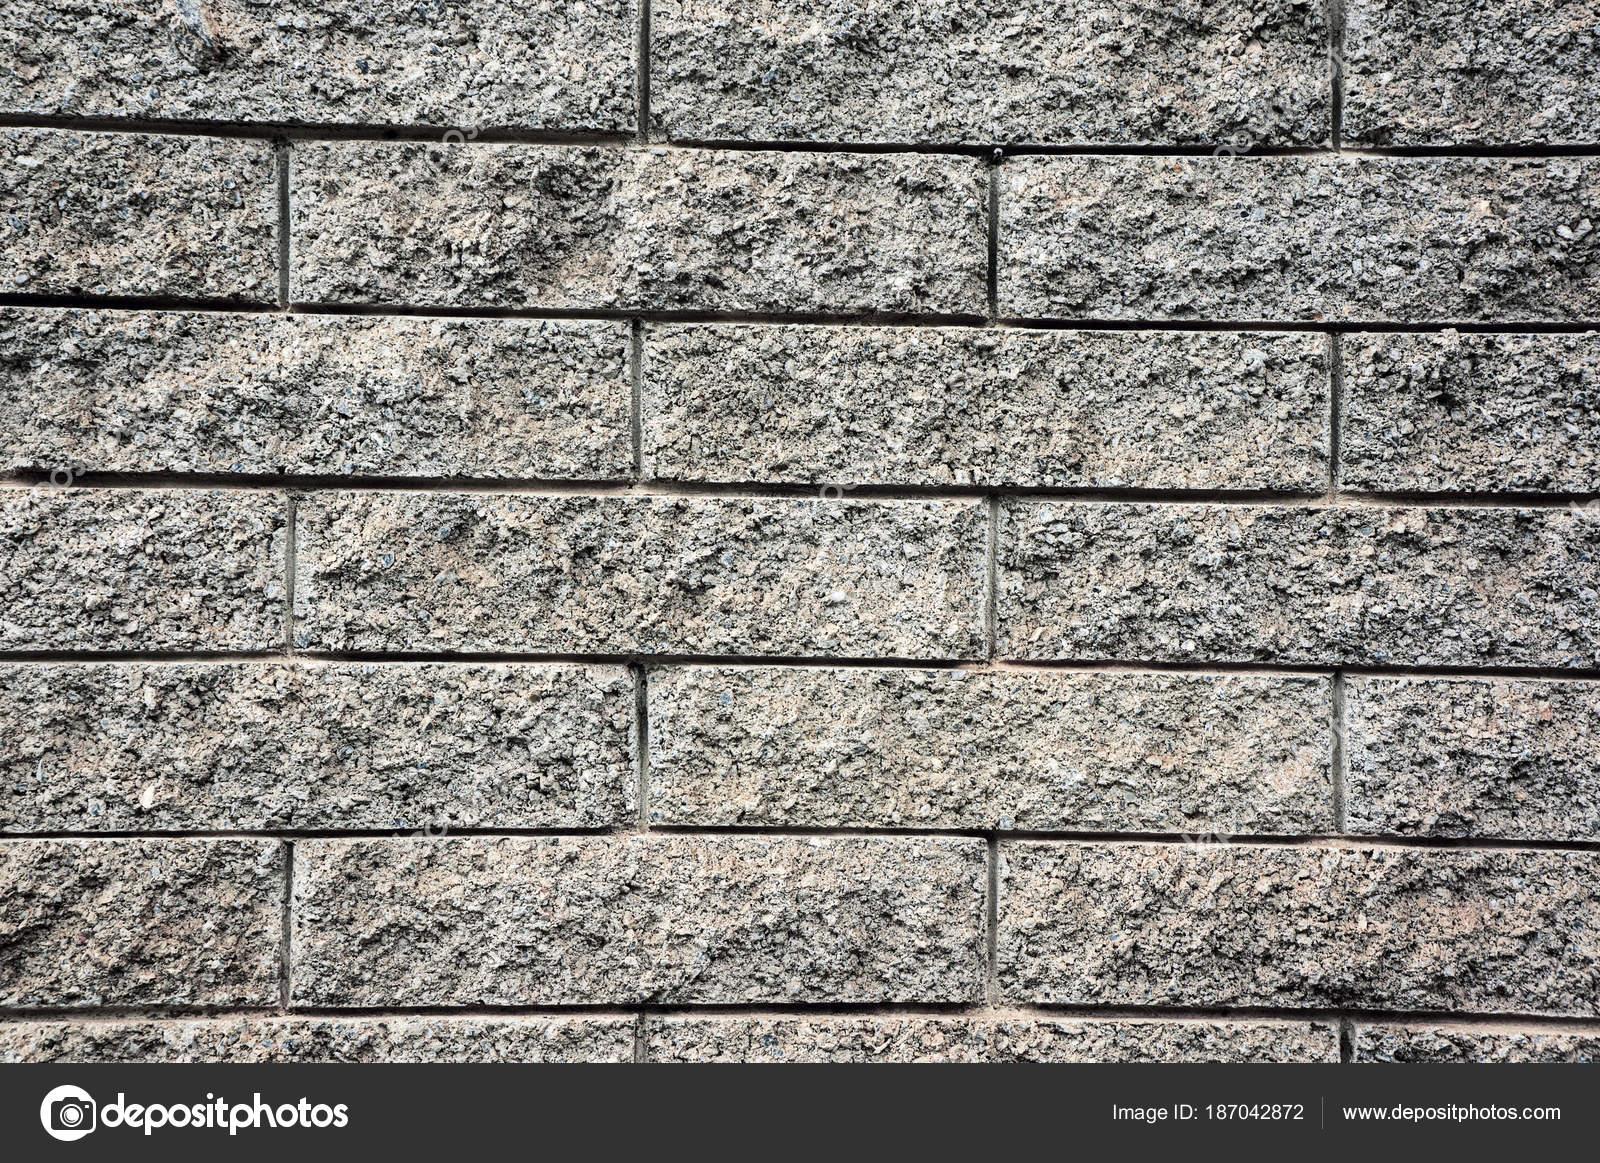 Gris textura exterior ladrillos hormig n foto de stock - Ladrillos de hormigon ...